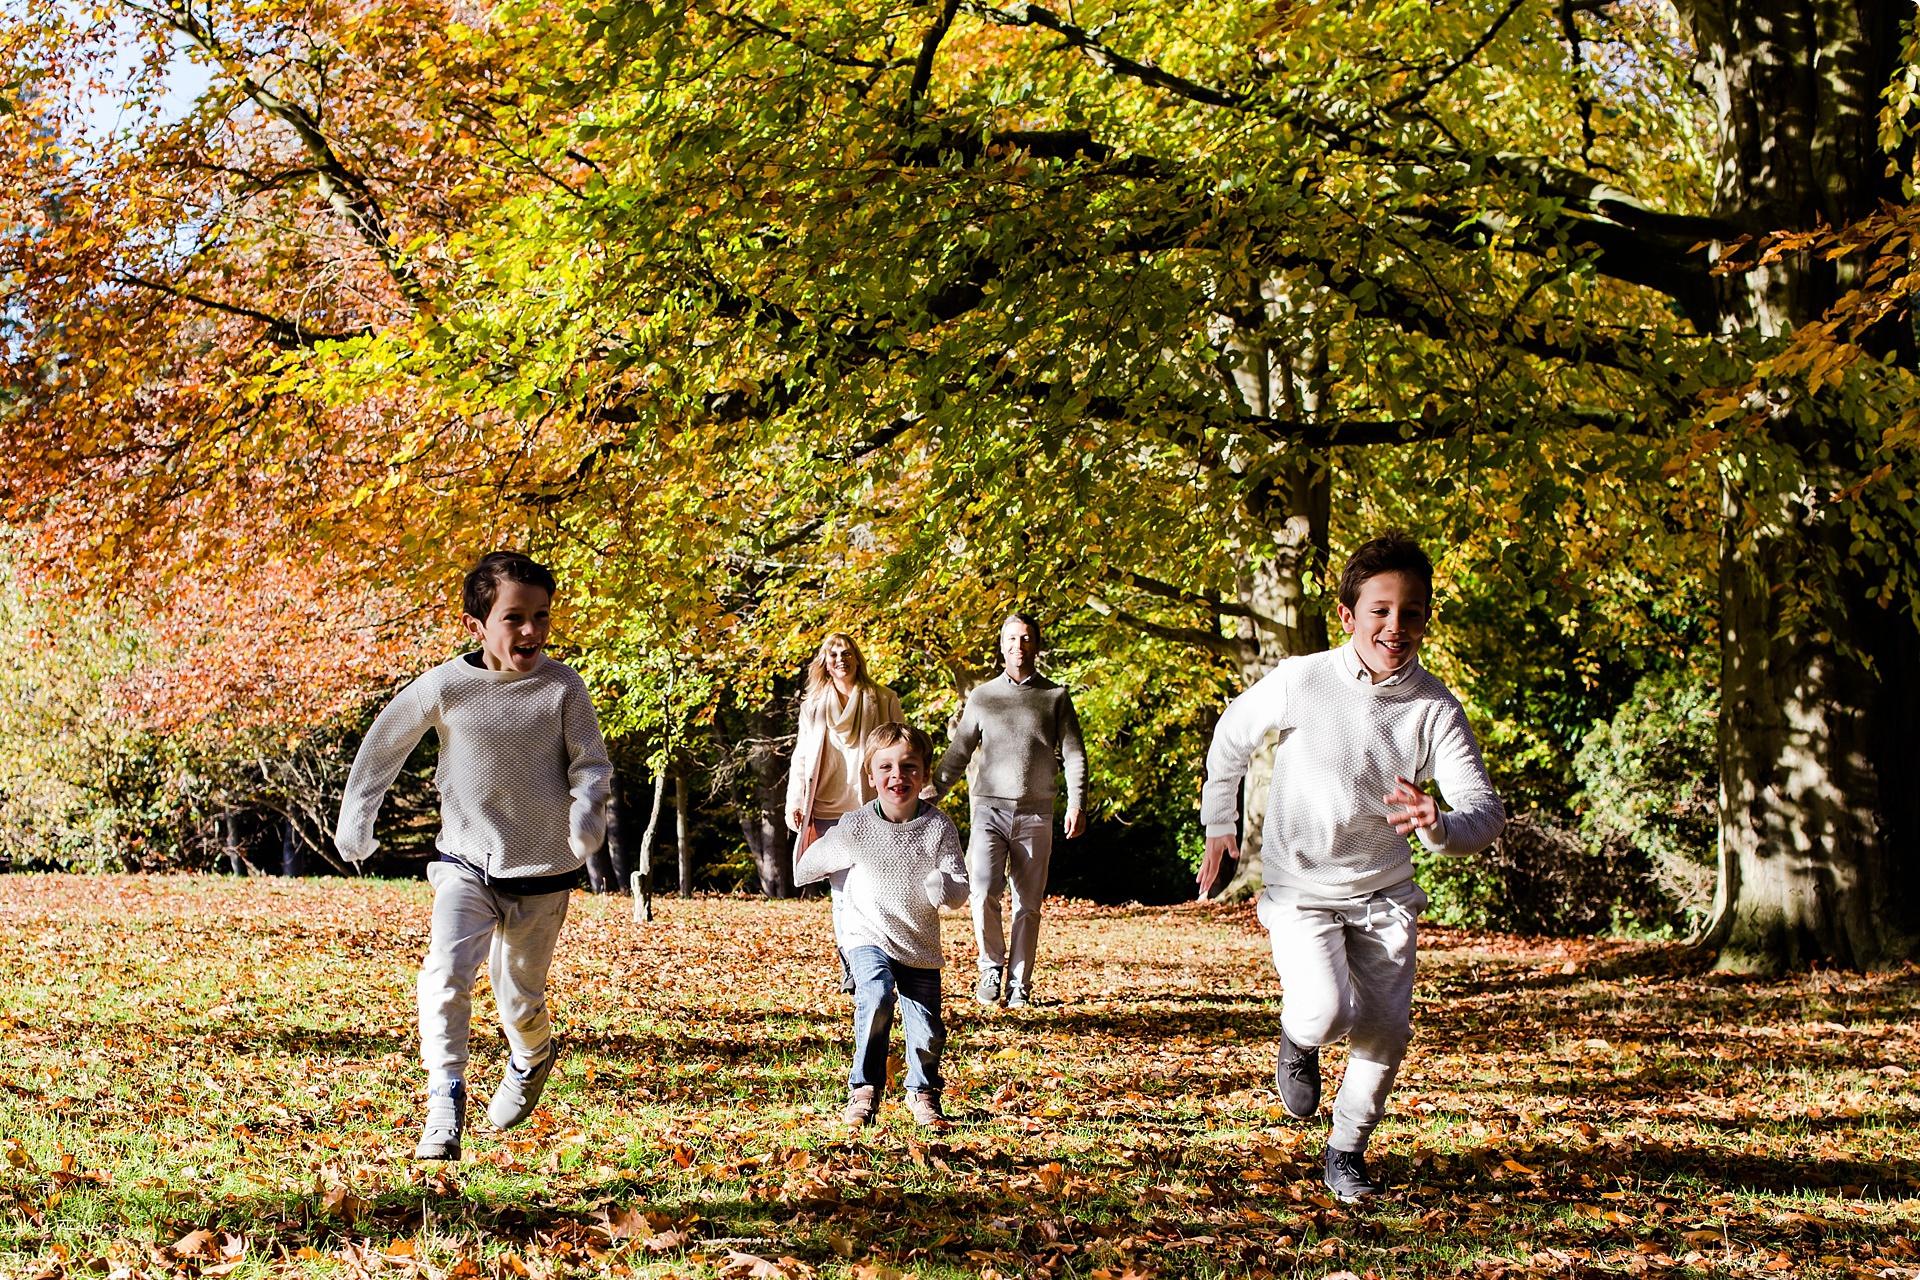 Family photo kids running